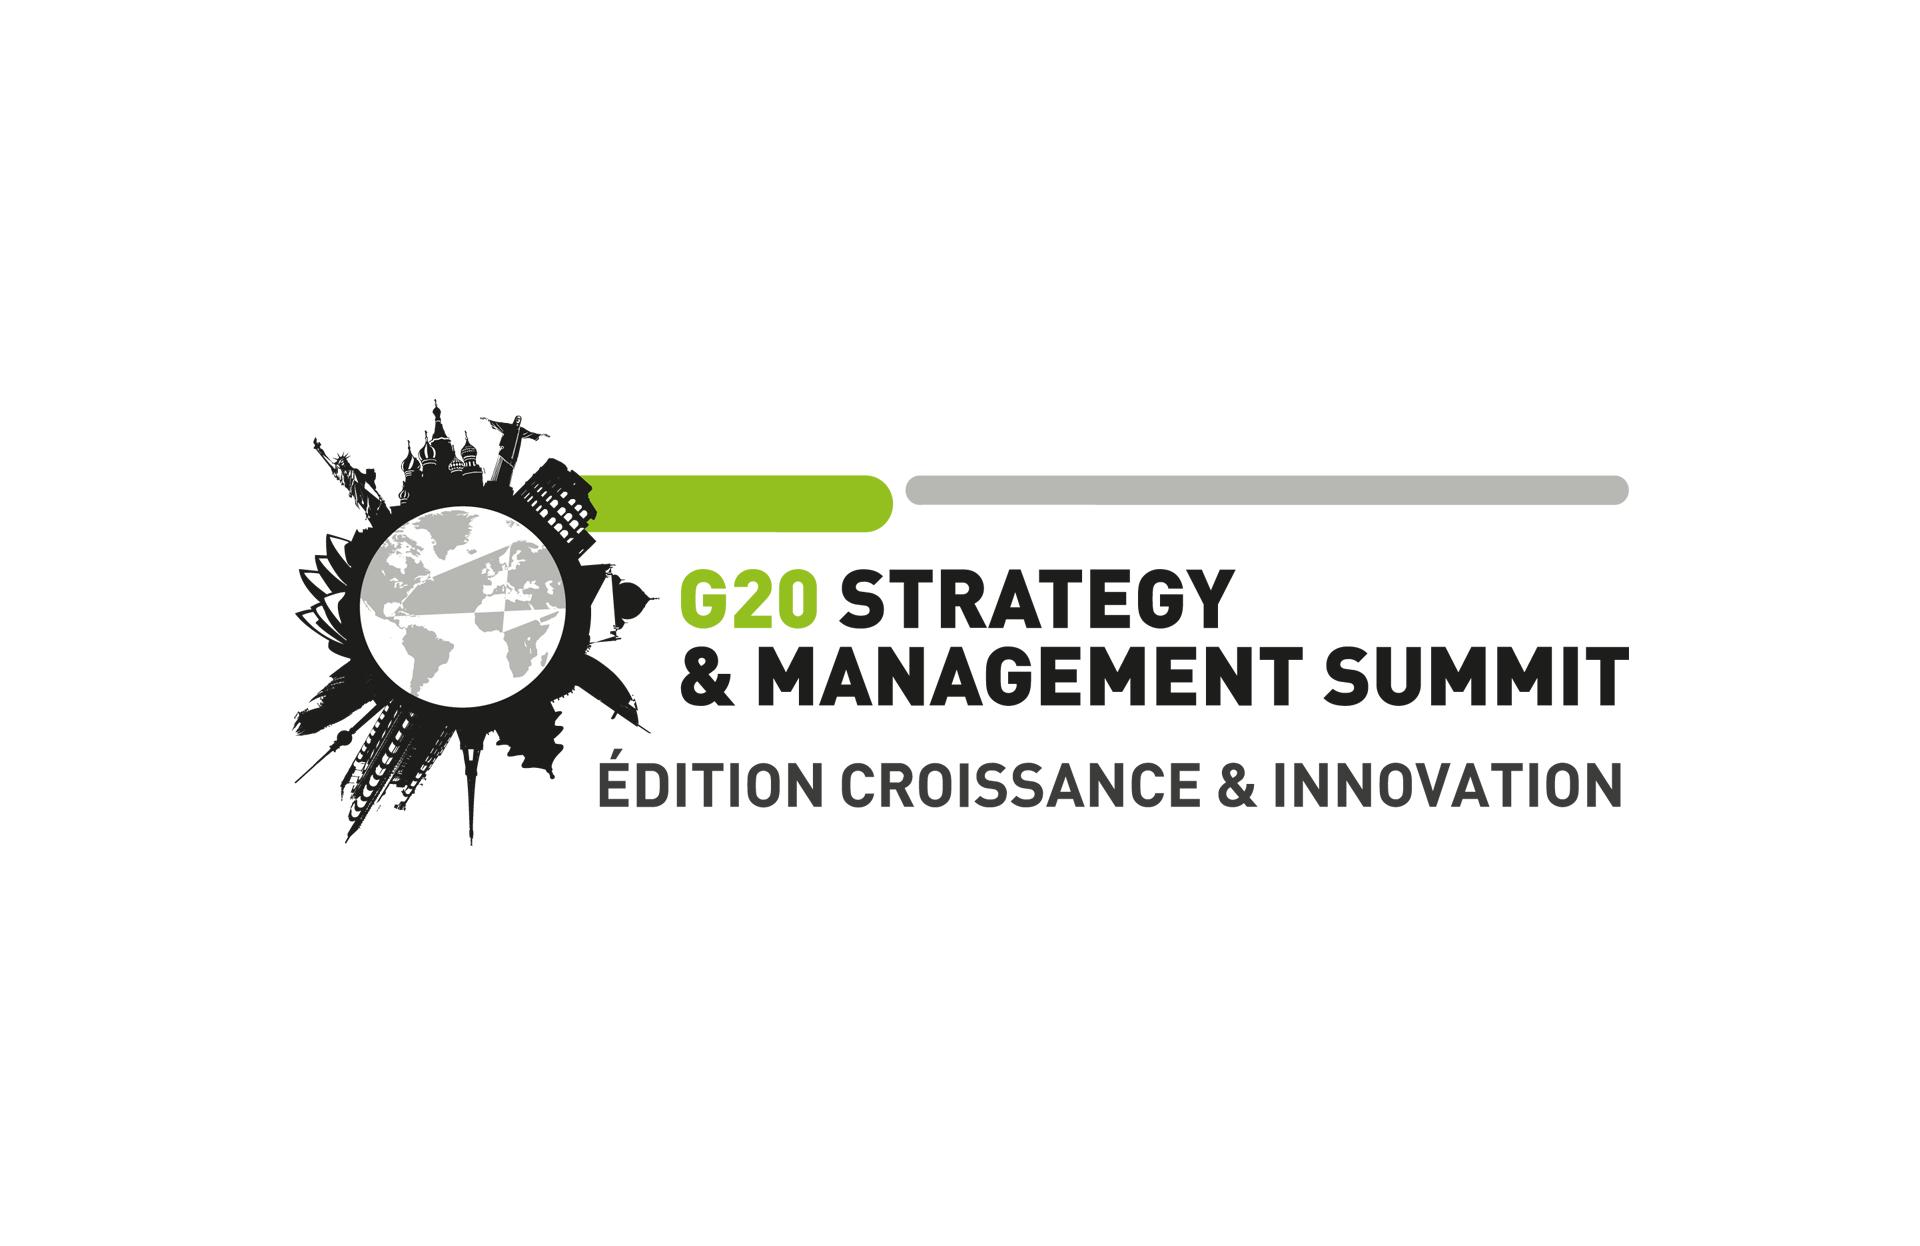 [G20 STRATEGY & MANAGEMENT SUMMIT] – Comment favoriser l'innovation de rupture en entreprise?